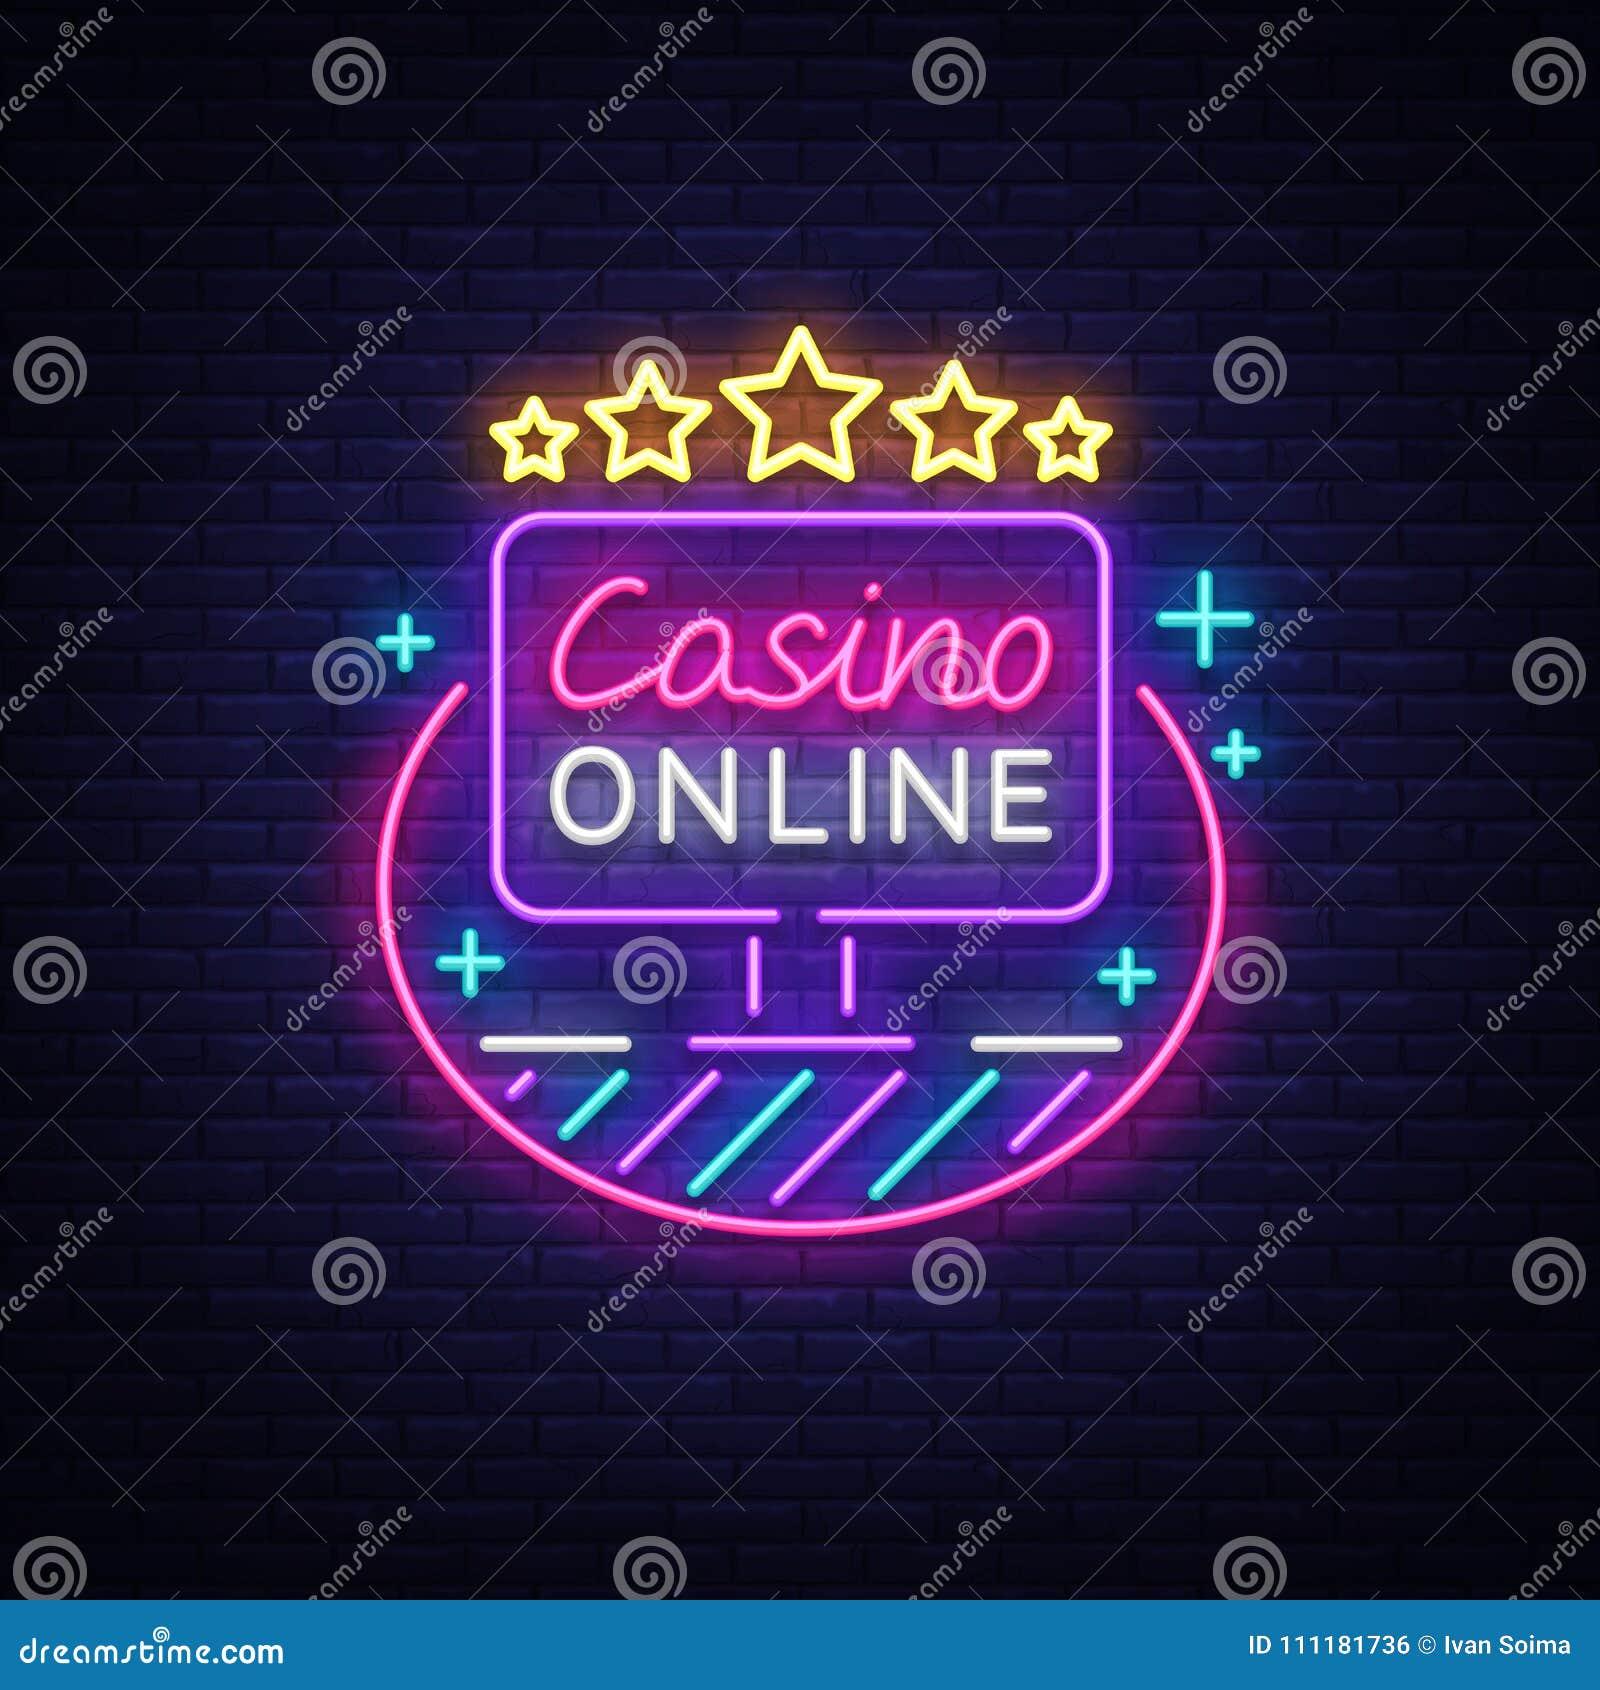 Неоновая вывеска казино онлайн сериал казино